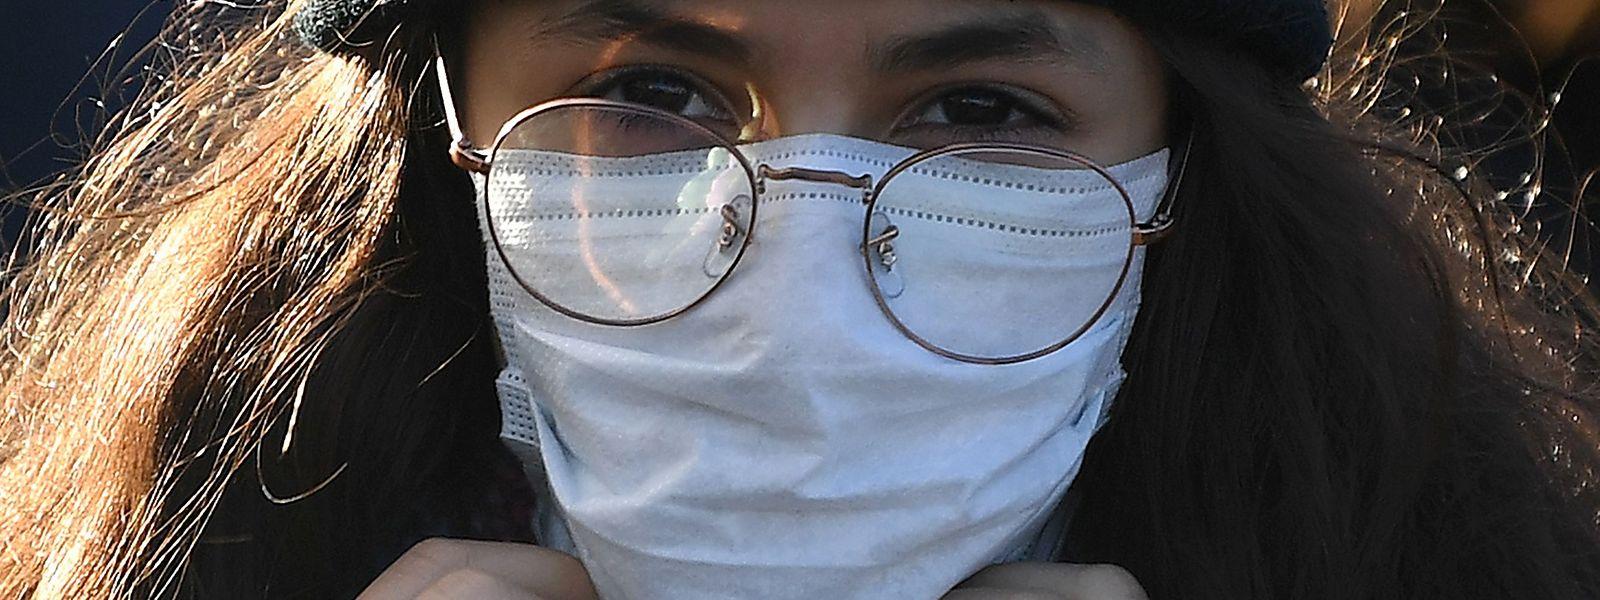 Le ministère de la Santé a tenu à rappeler l'inefficacité des masques de protection.